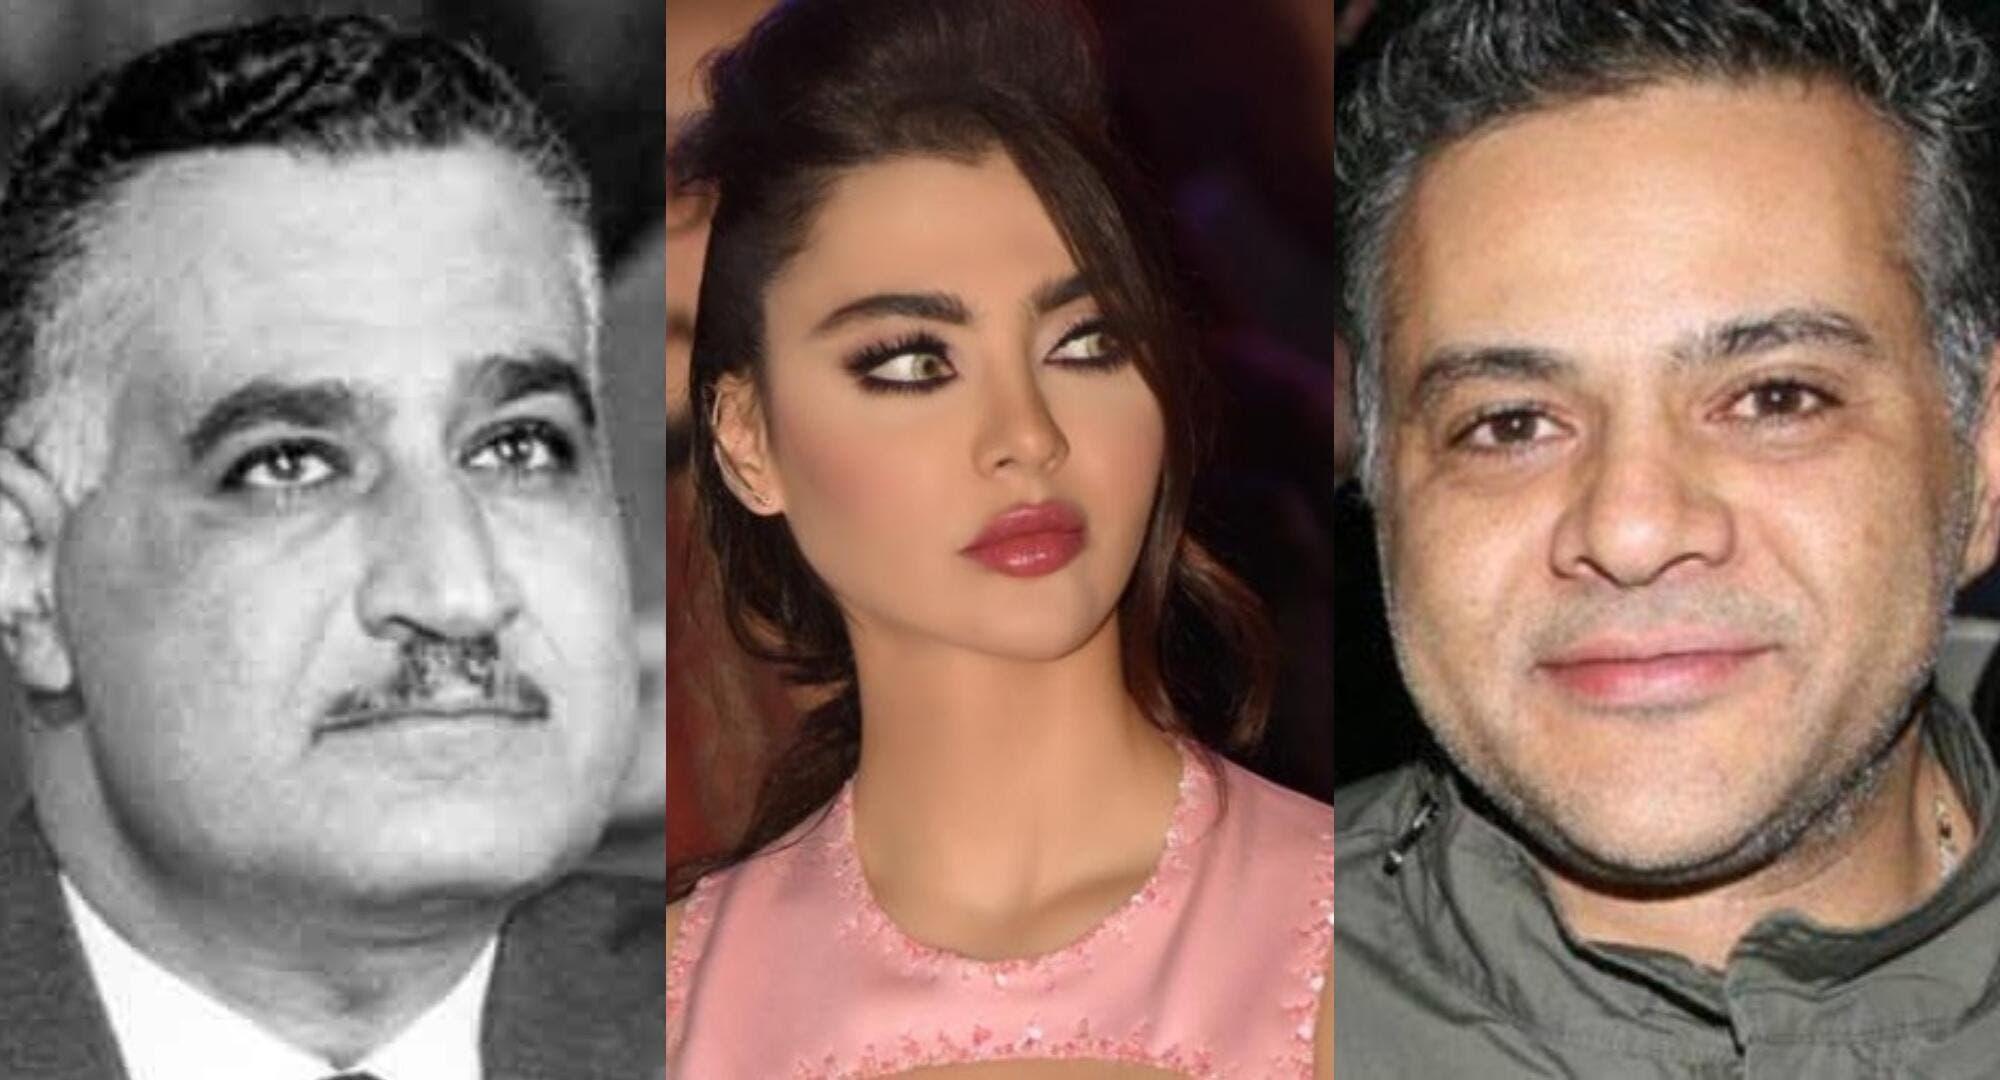 ما قصة الصورة التي نشرتها قمر اللبنانية لجمال عبدالناصر وتخصّ ابنها الذي أنجبته سراً!؟